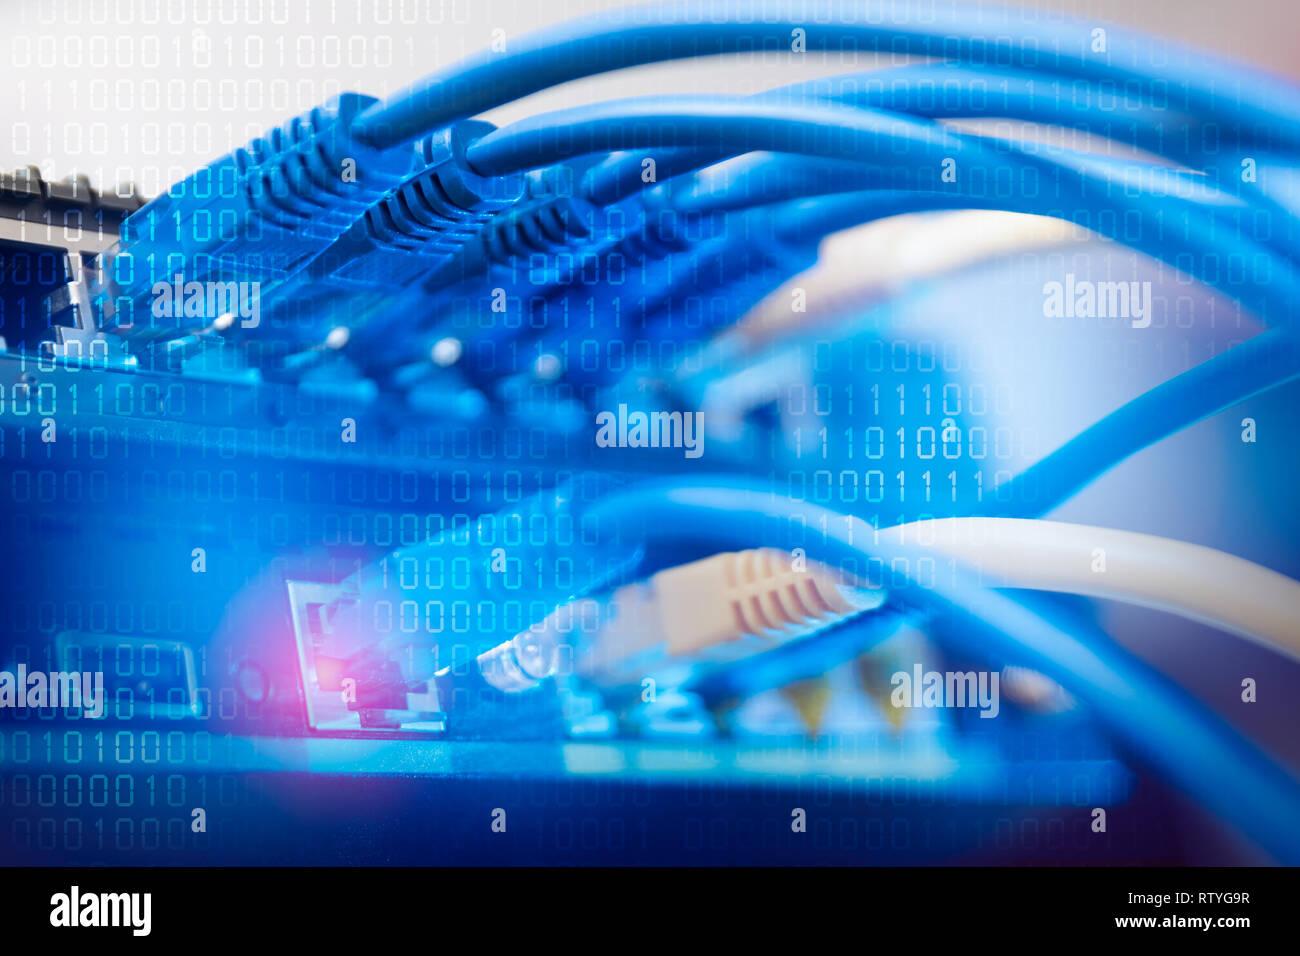 Netzwerk Infrastruktur Switch Oder Router Buchse Kabel